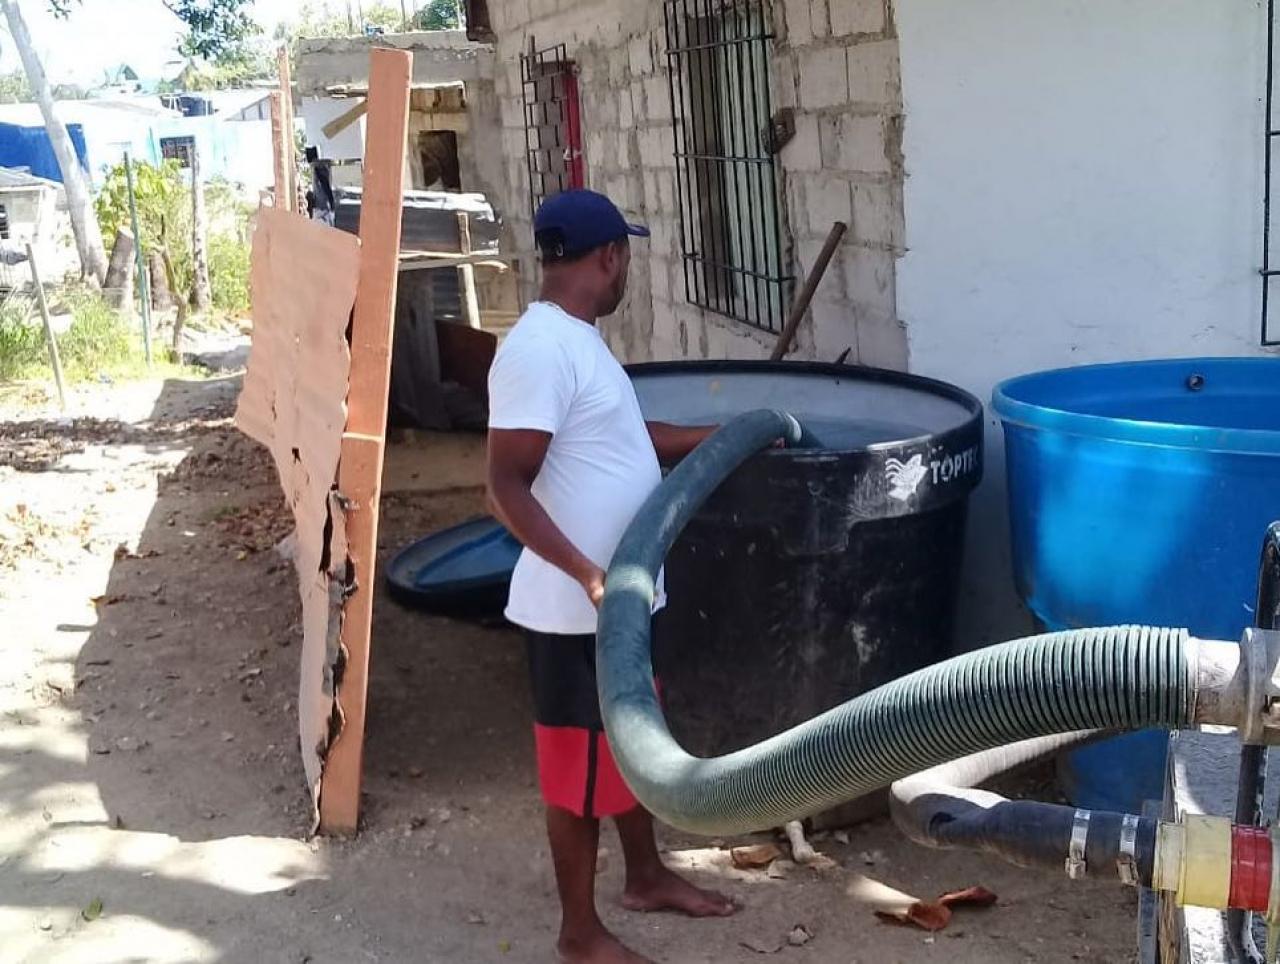 Escasez de agua en pandemia: otros problemas que enfrenta San Andrés